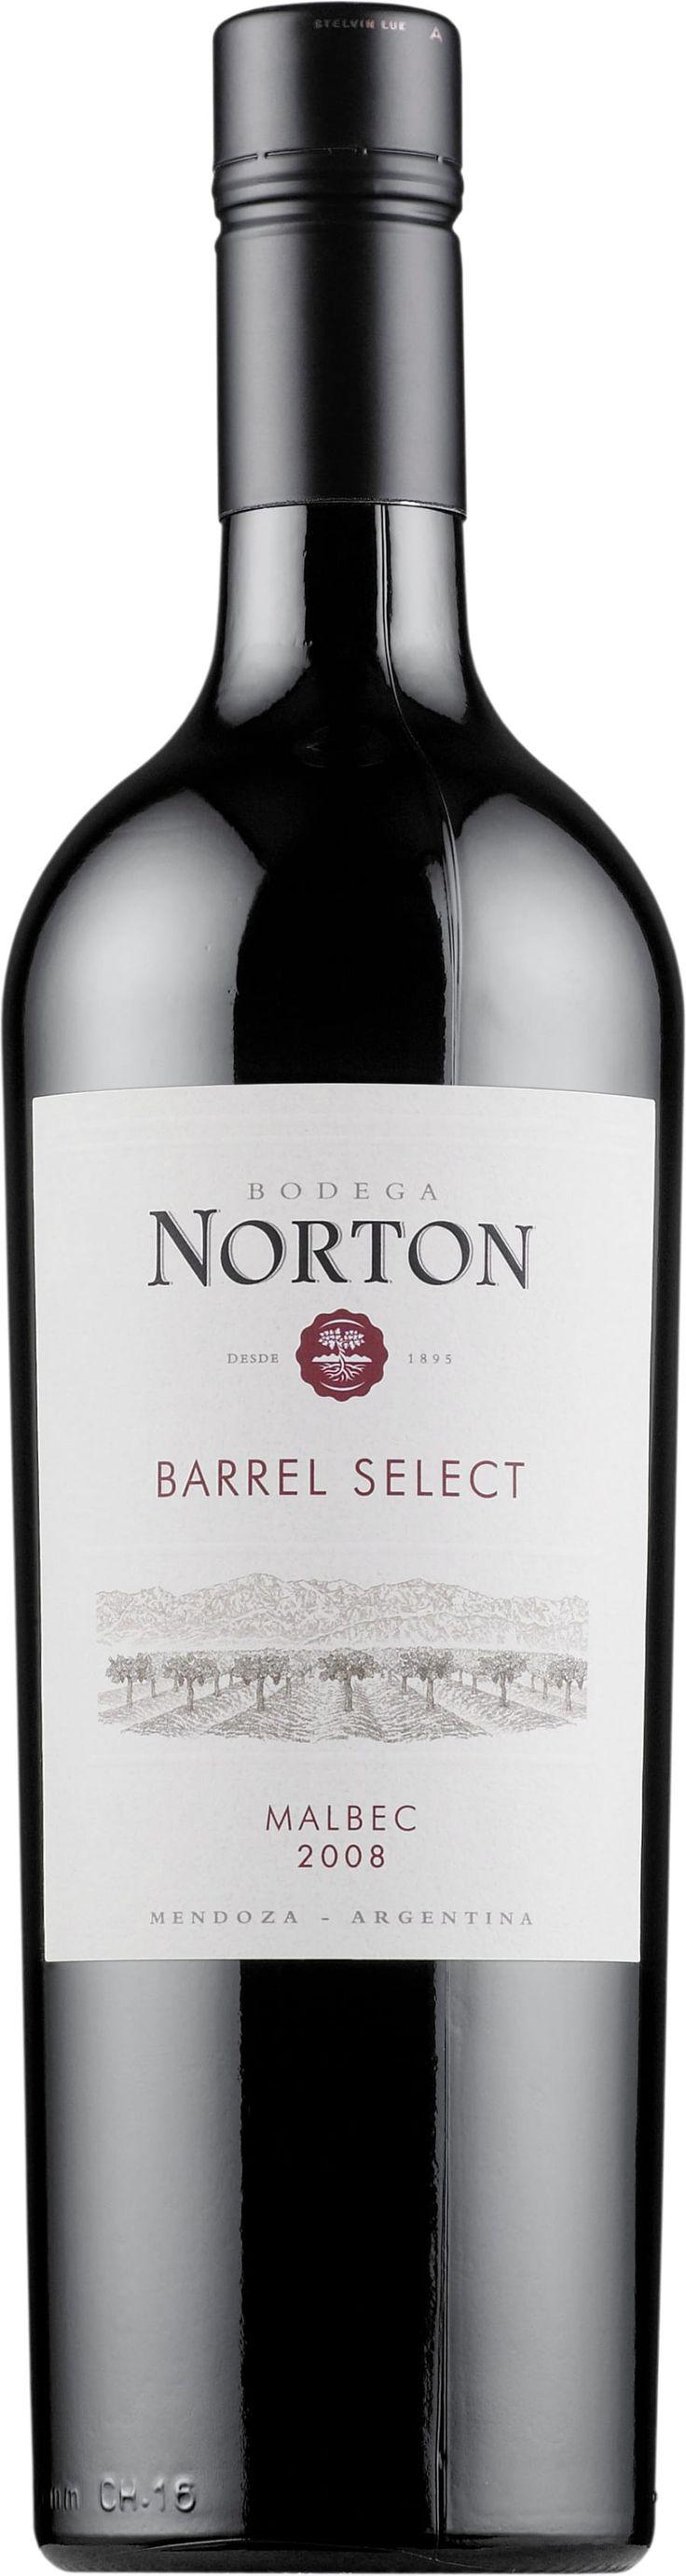 Norton Barrel Select Malbec 2015. Argentina: Malbec. 10,39 €. Mehevä ja hilloinen: Täyteläinen, keskitanniininen, tumman kirsikkainen, kypsän karpaloinen, mausteinen, kevyen tamminen